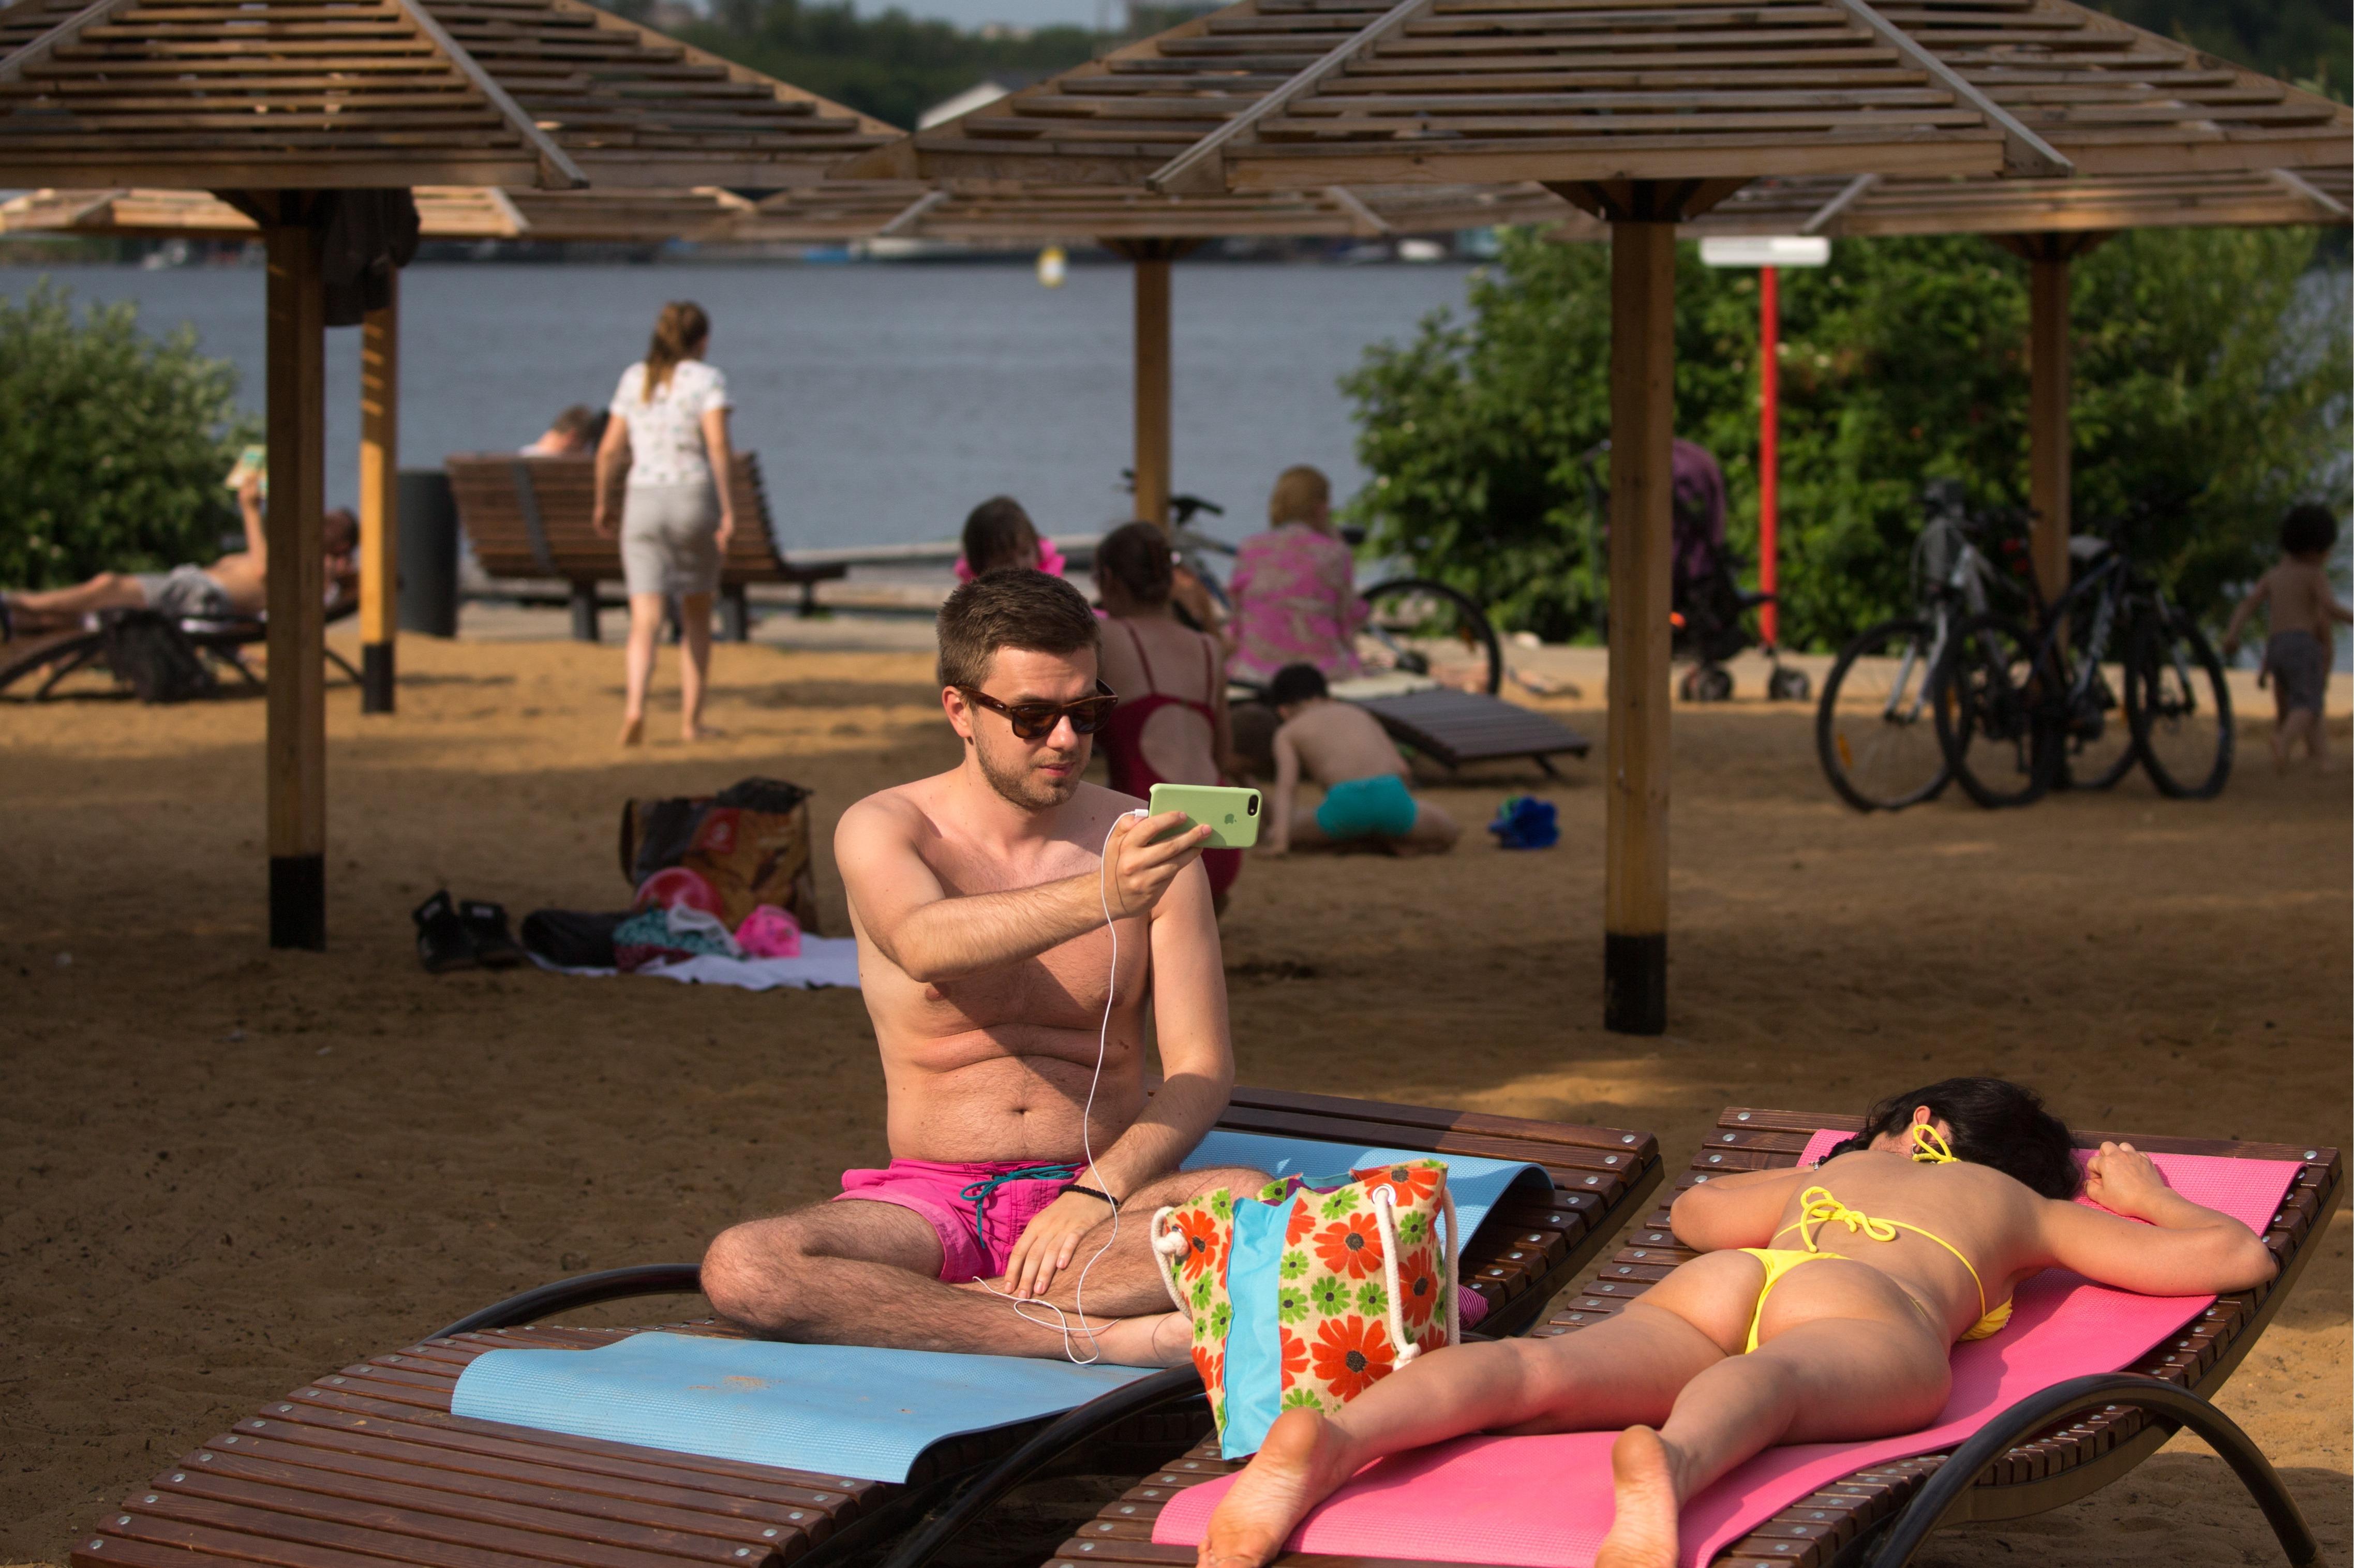 Ставропольский Роспотребнадзор разрешил купаться на 27 пляжах